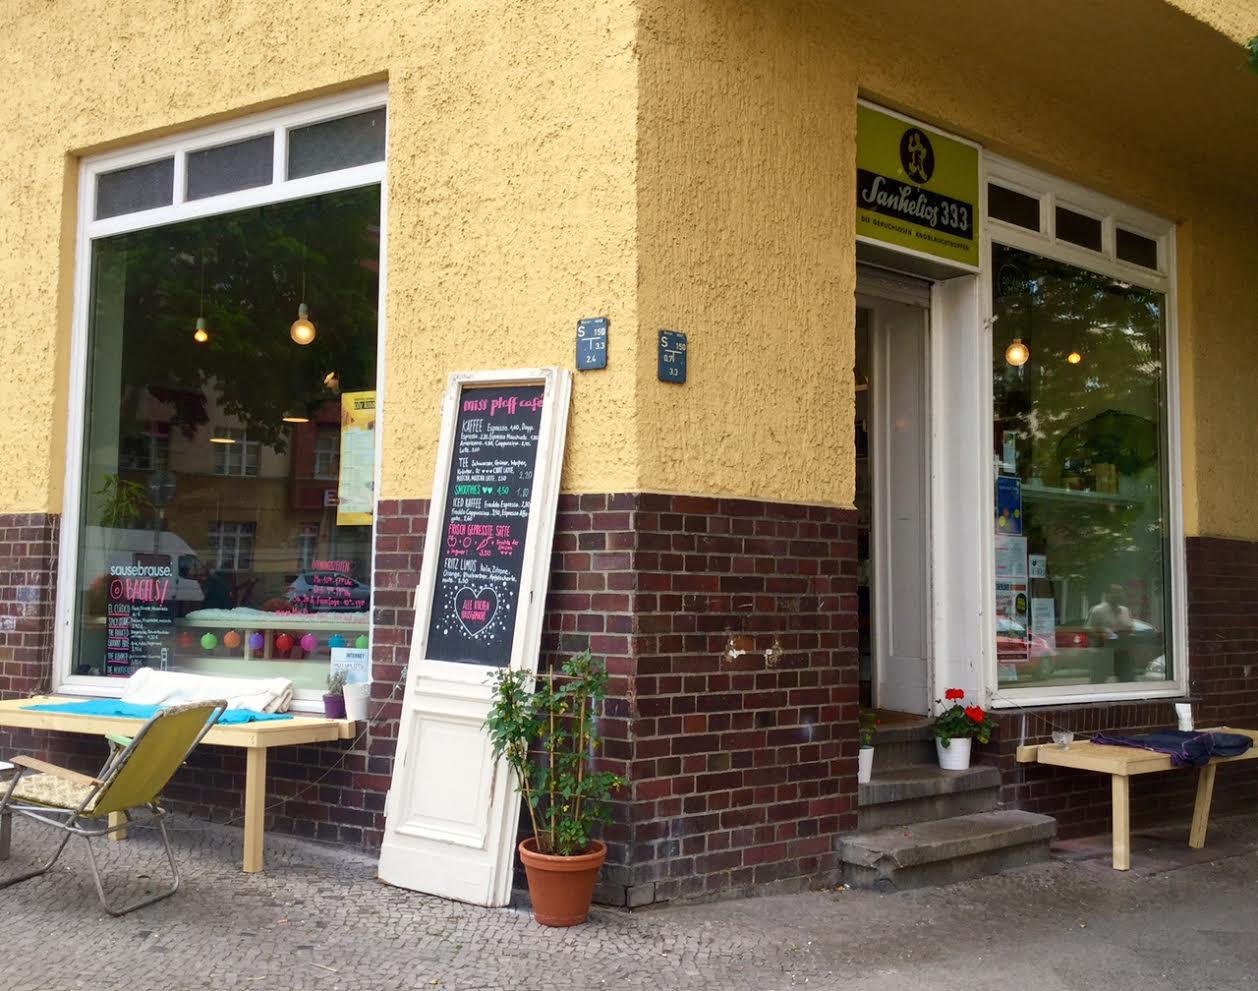 Das Café Miss Ploff in Gesundbrunnen ist ein Ort, an dem man die Zeit vergisst.